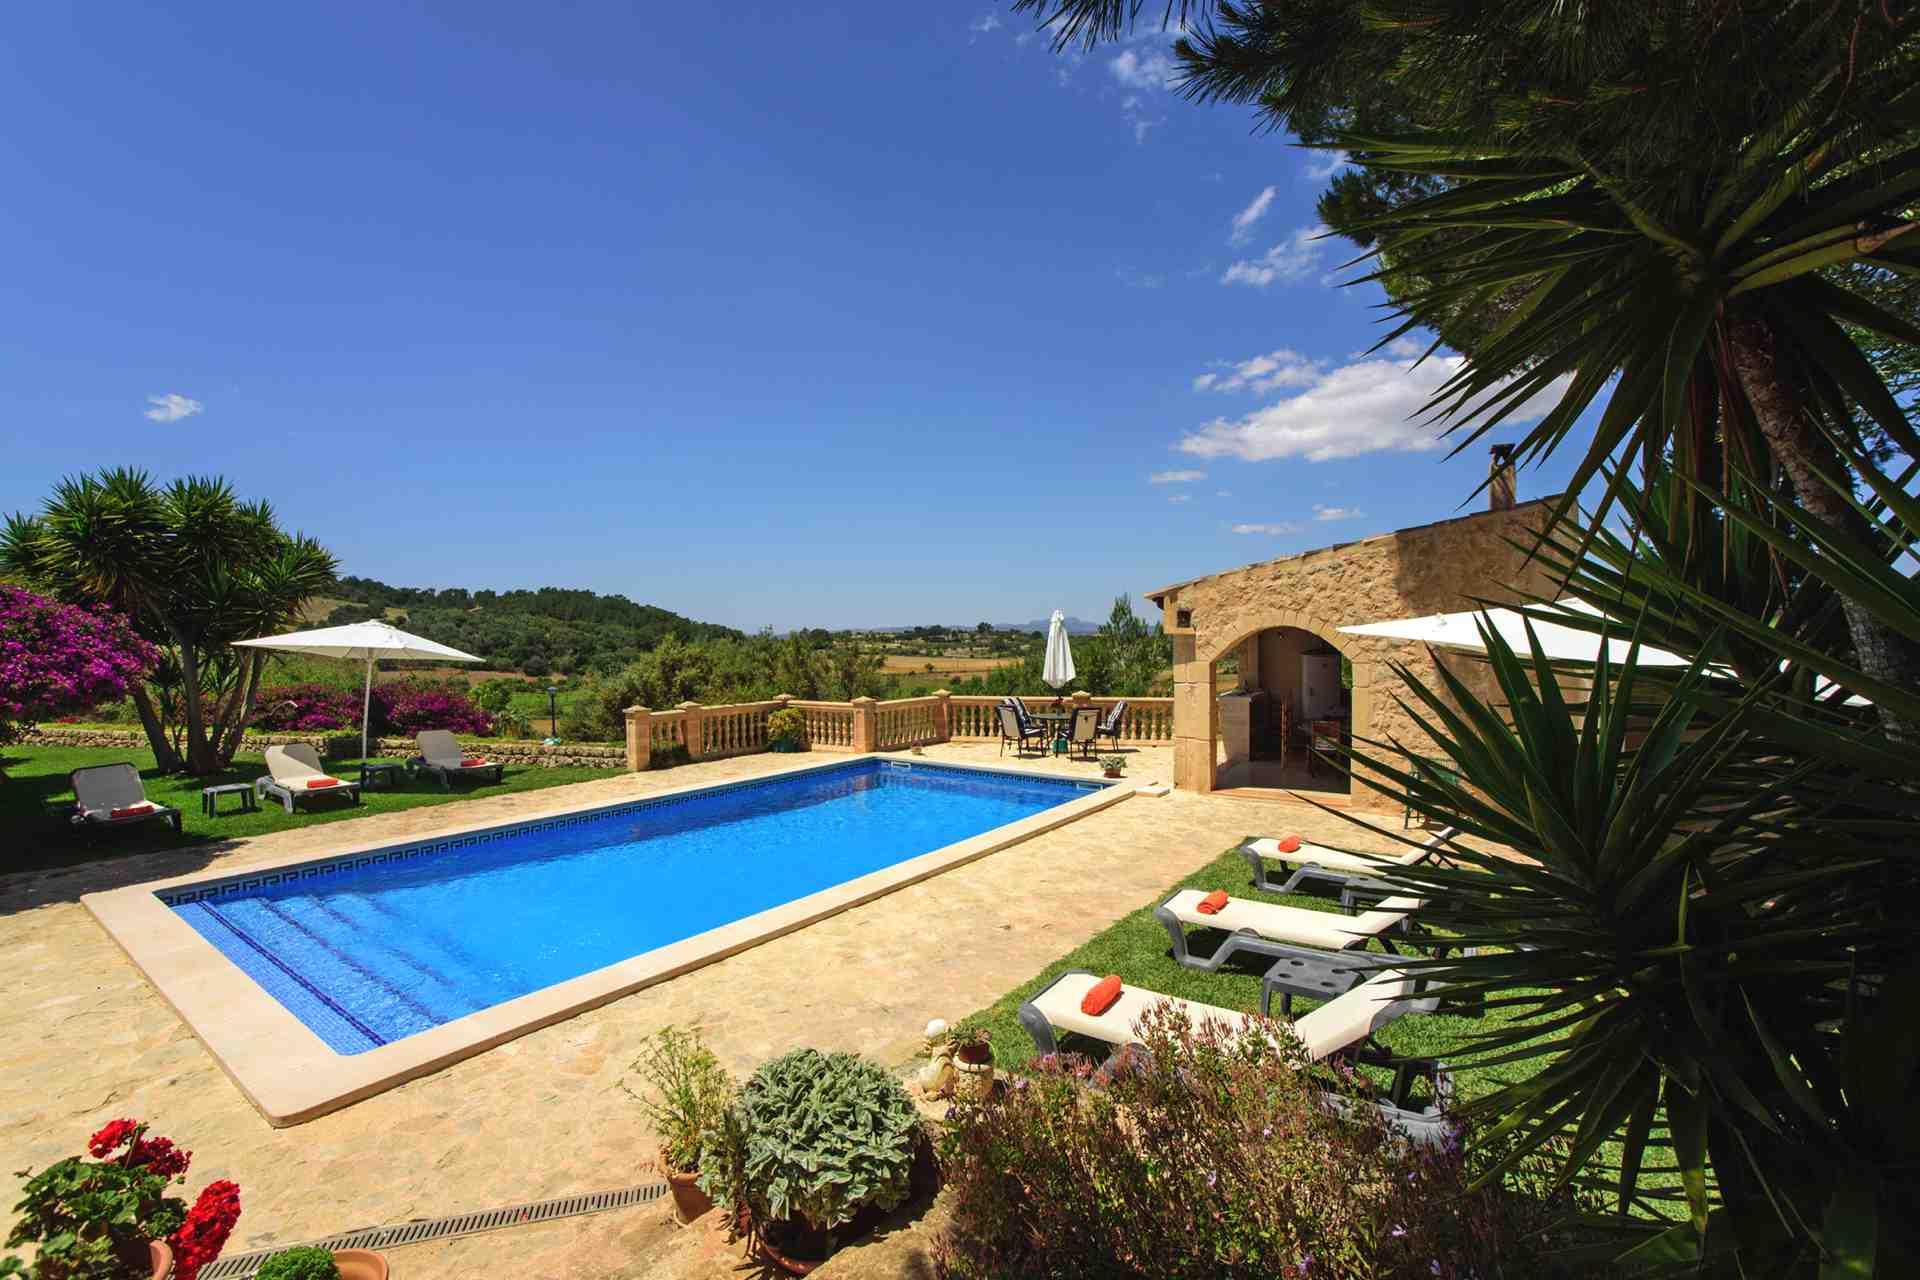 01-147 idyllische Finca Mallorca Osten Bild 4